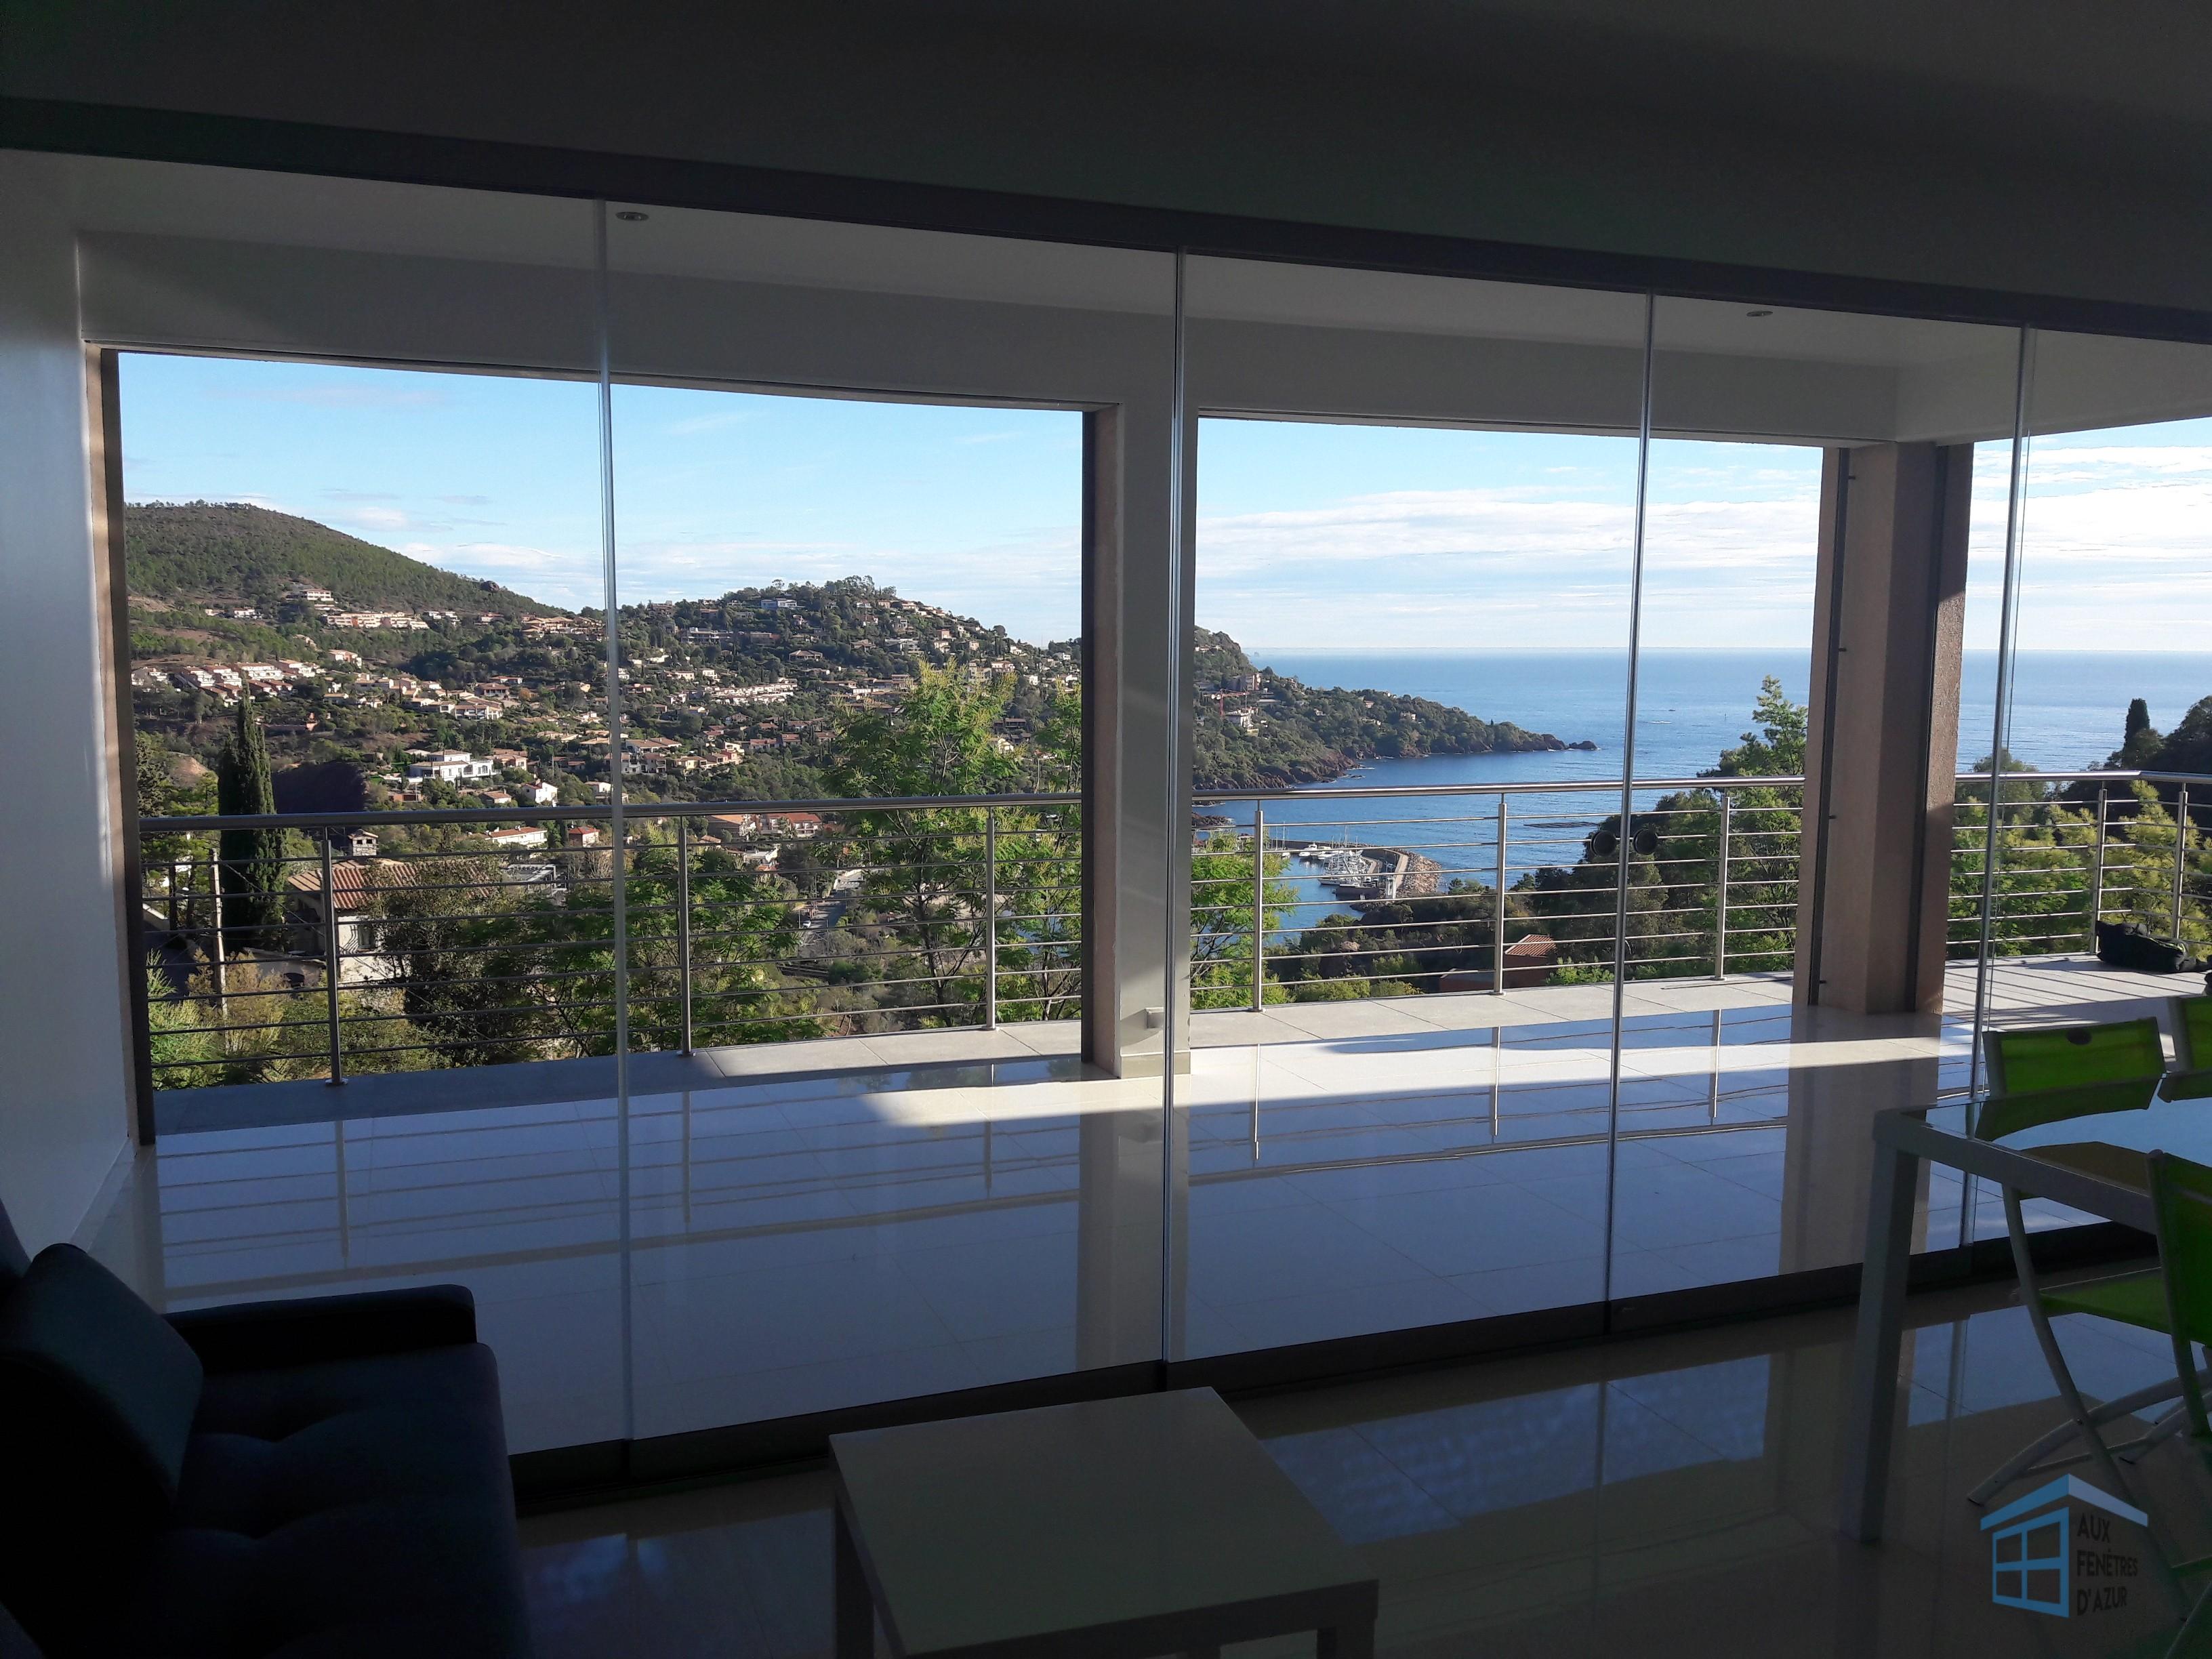 Rideau de verre appartement vue sur mer